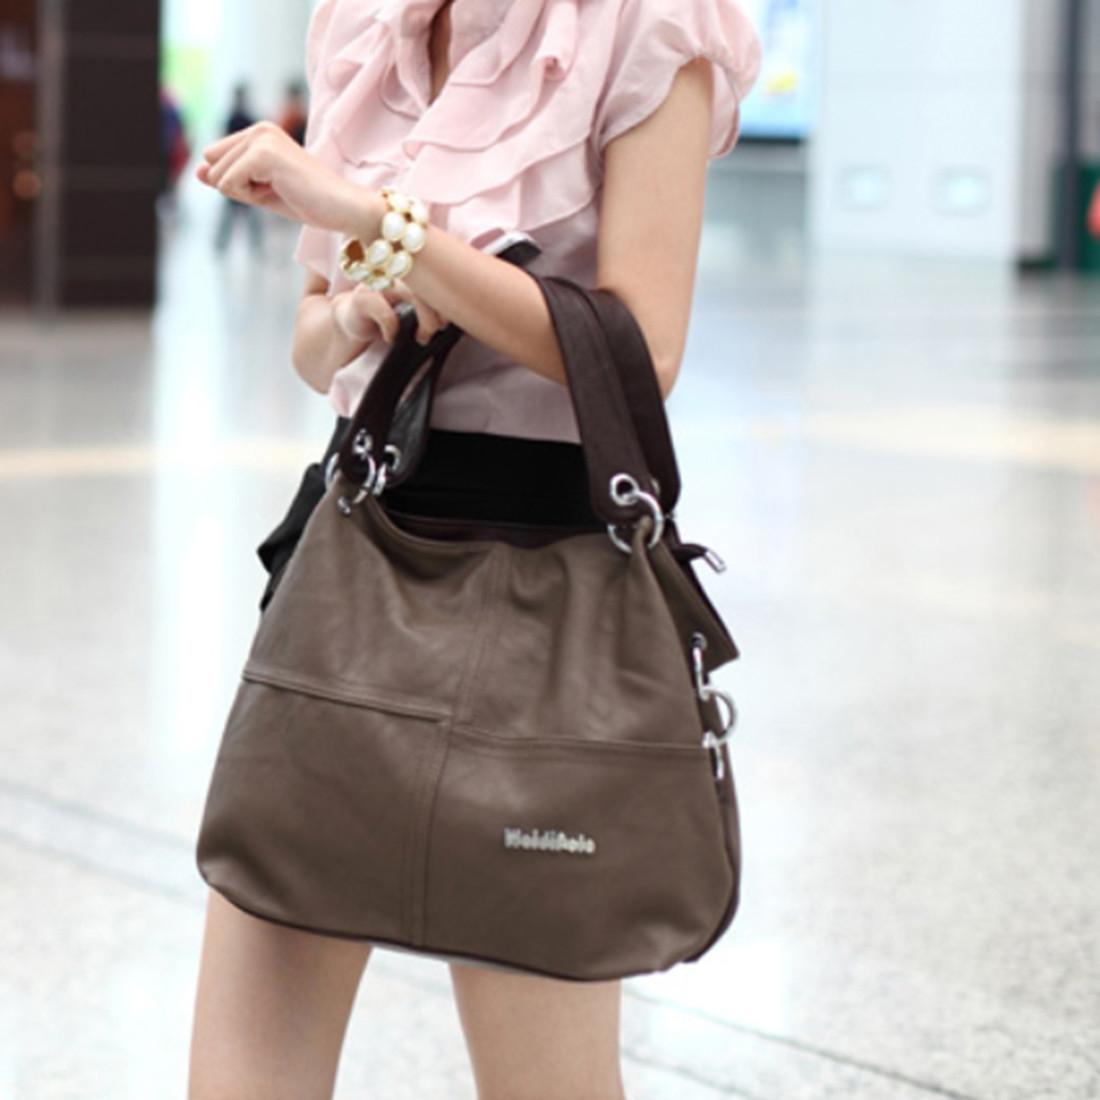 ... WEIDIPOLO Women Stylish Split Joint PU Leather Hobo Bags Crossbody Shoulder Bag Handbag image image